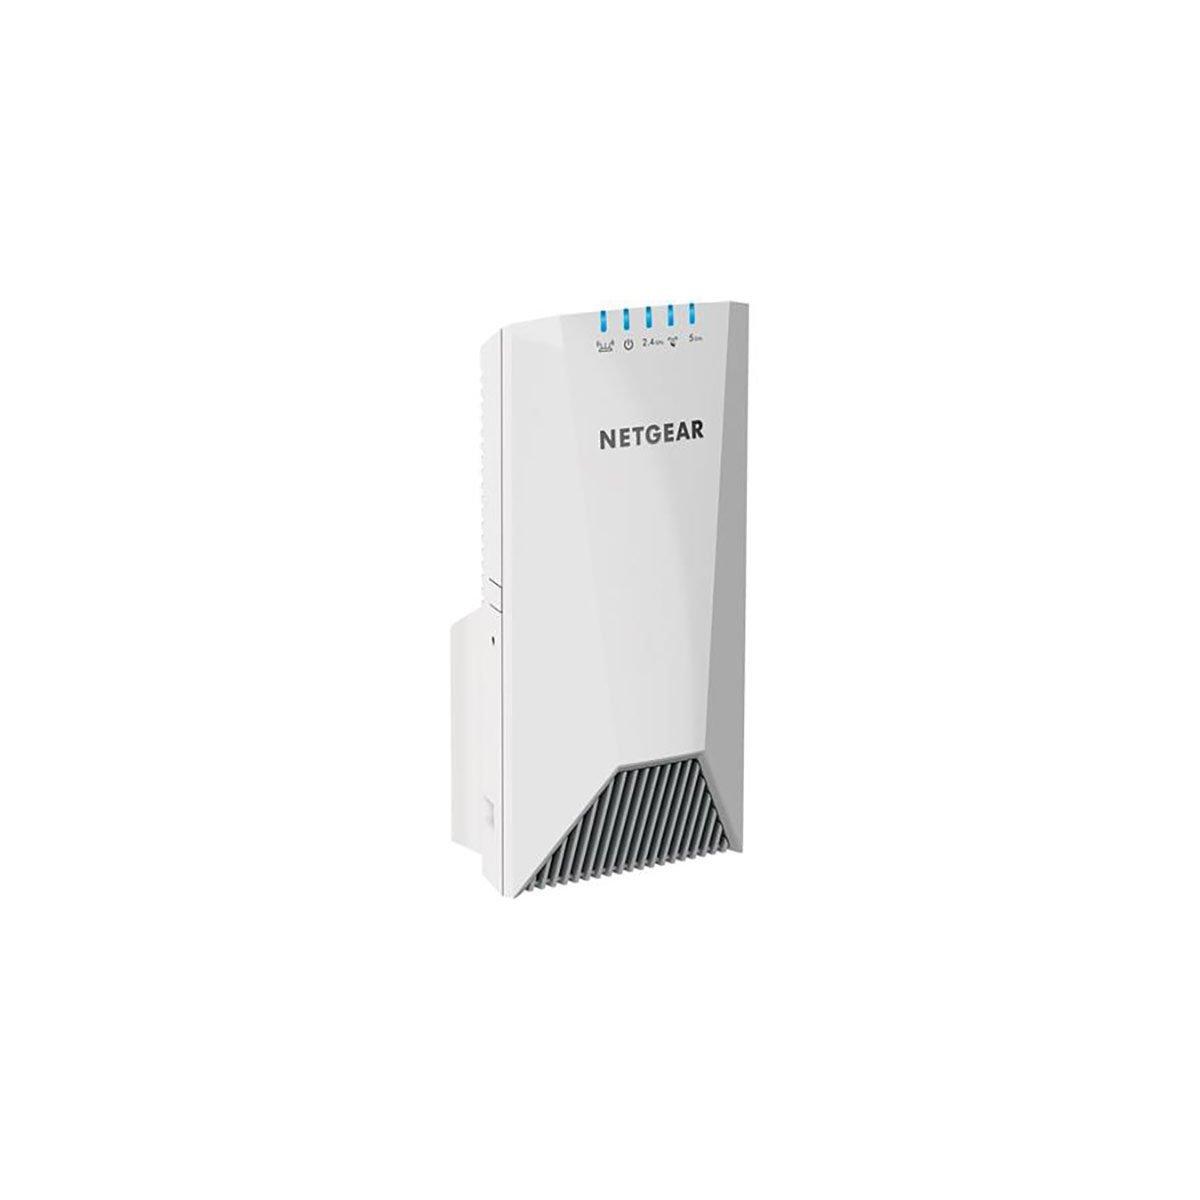 Wifi extender